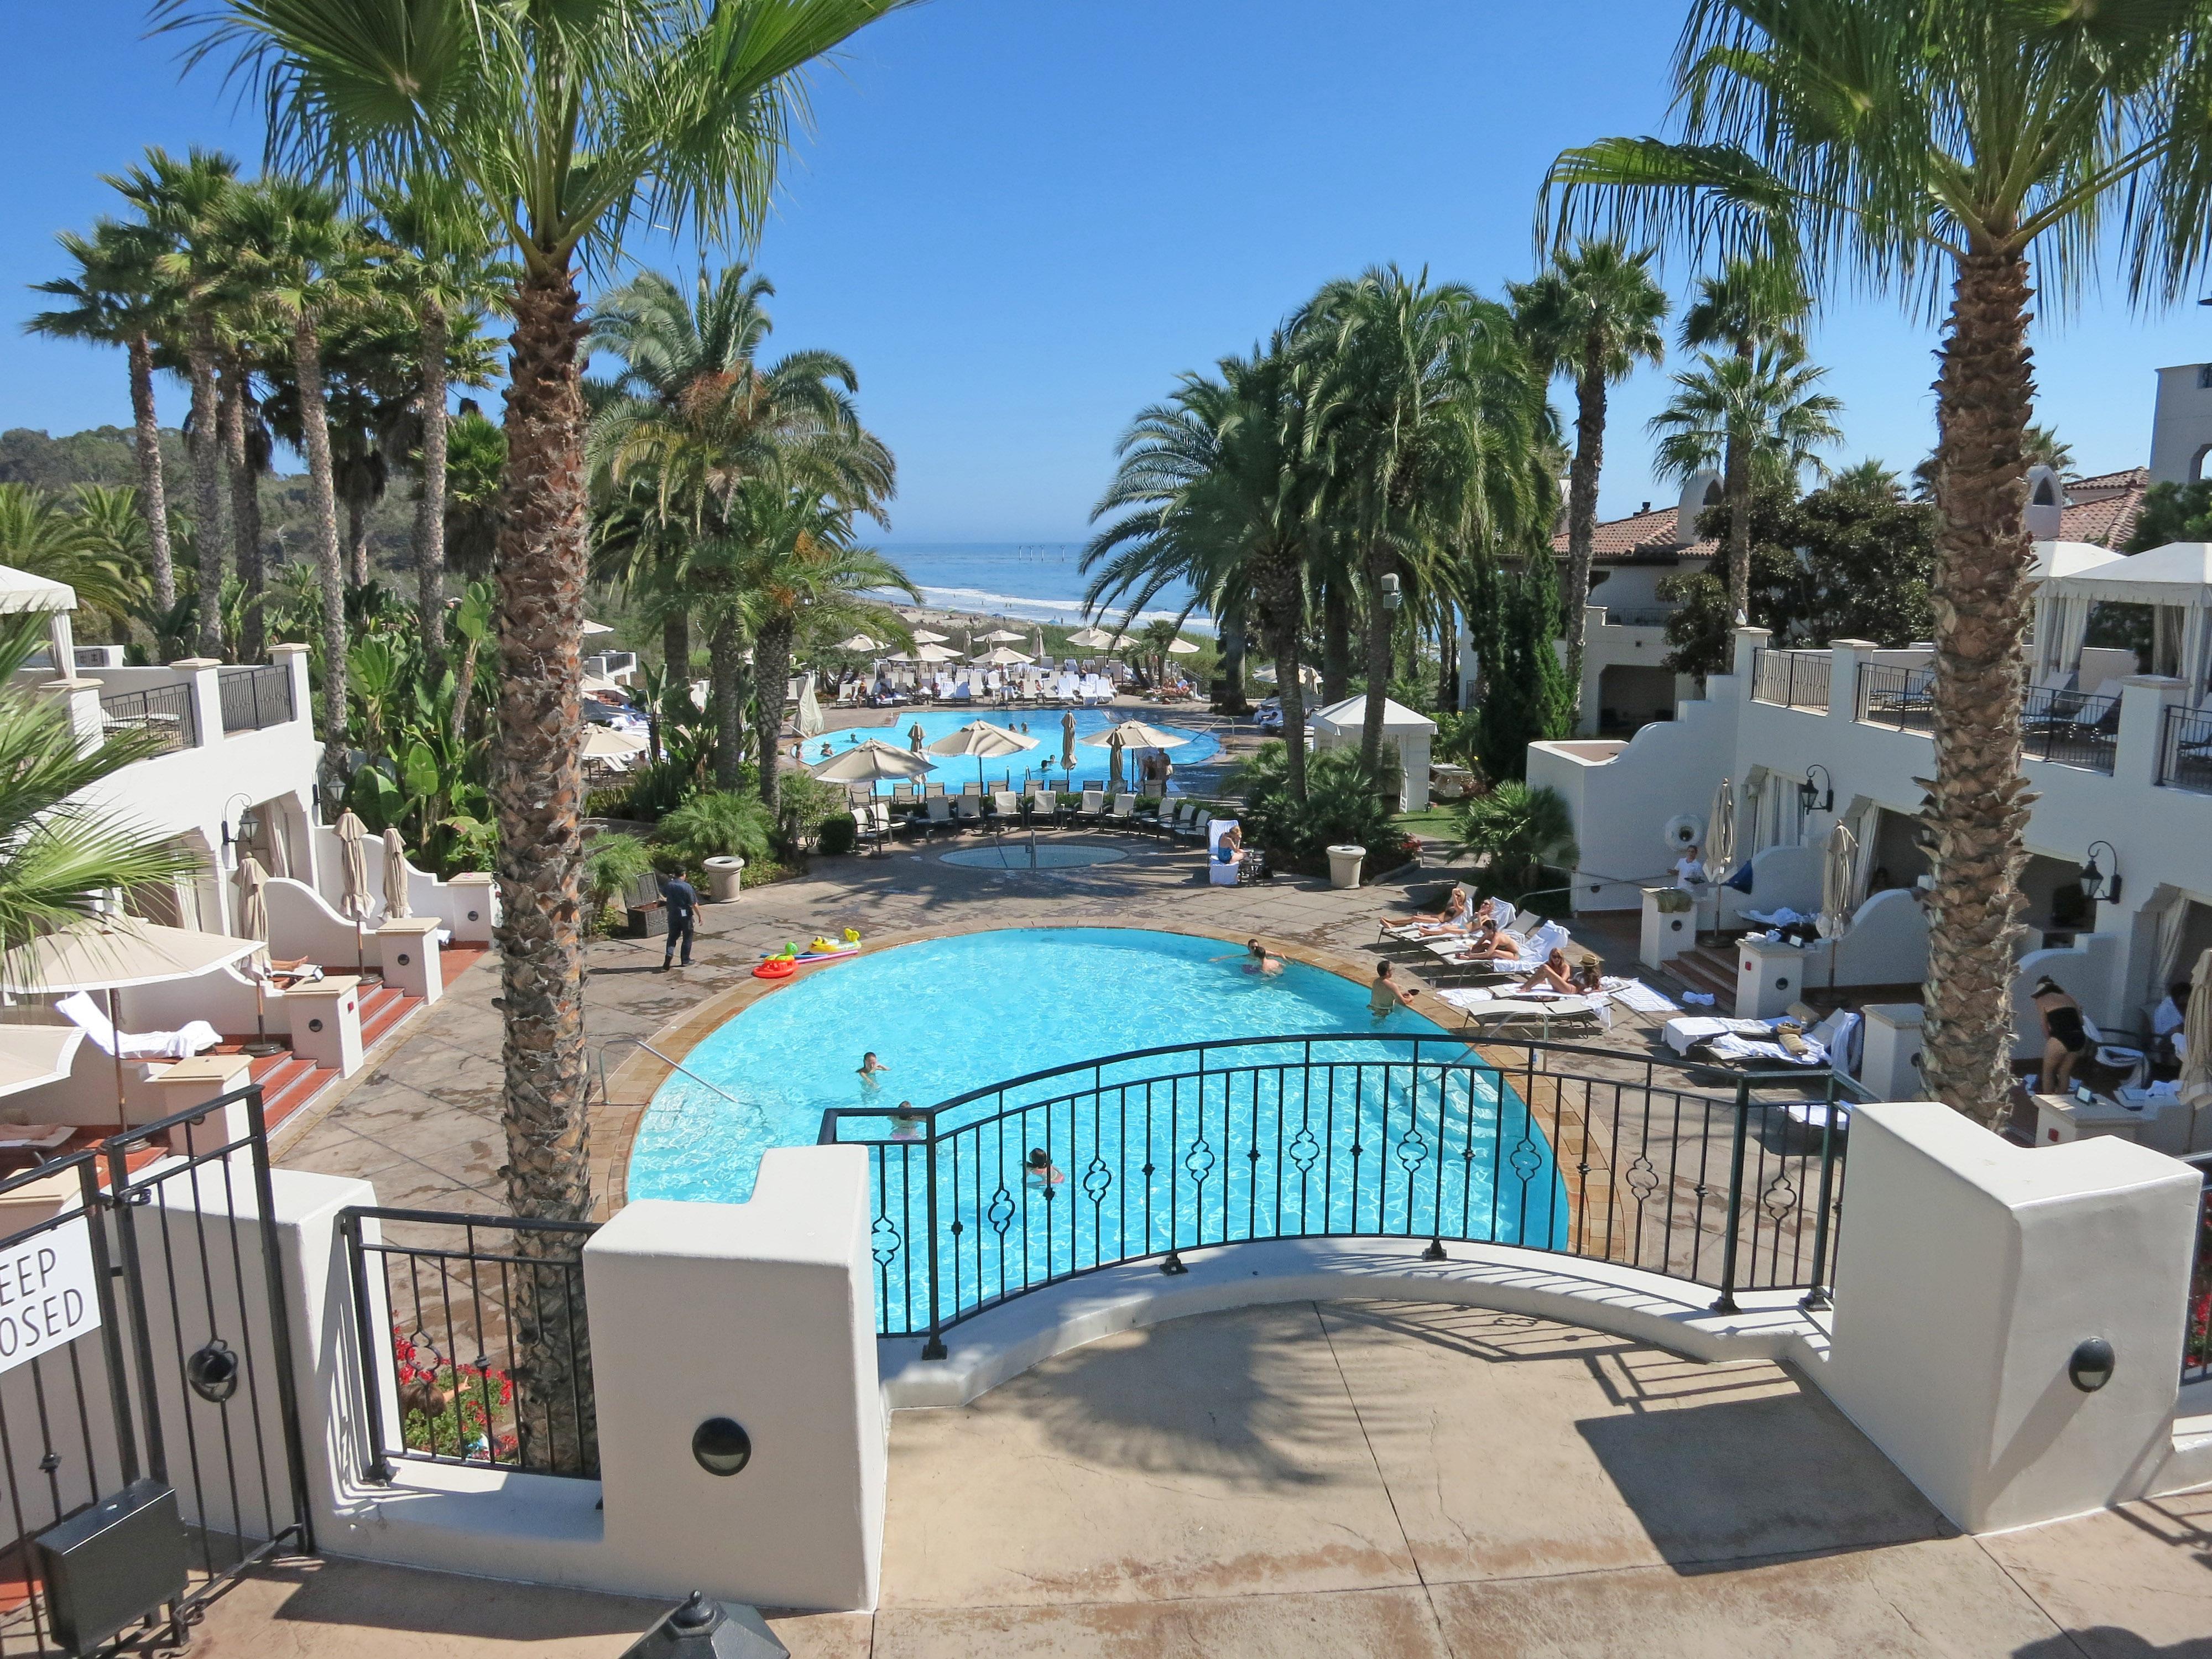 2013 Santa Barbara At Resort Bacara